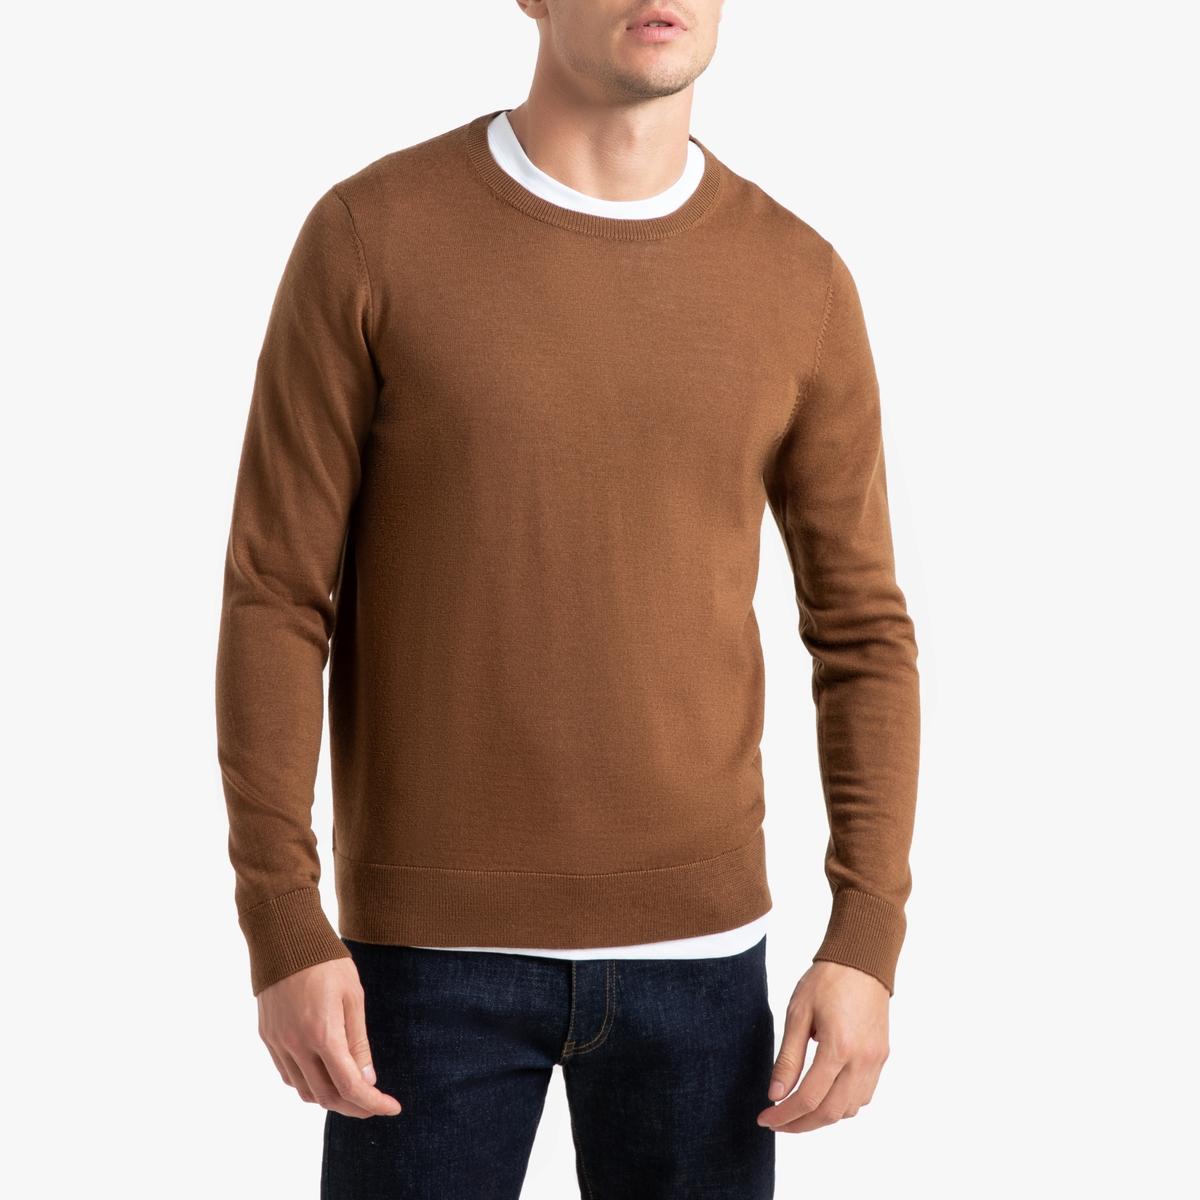 цена на Пуловер La Redoute С круглым вырезом из шерсти мериноса Pascal S каштановый